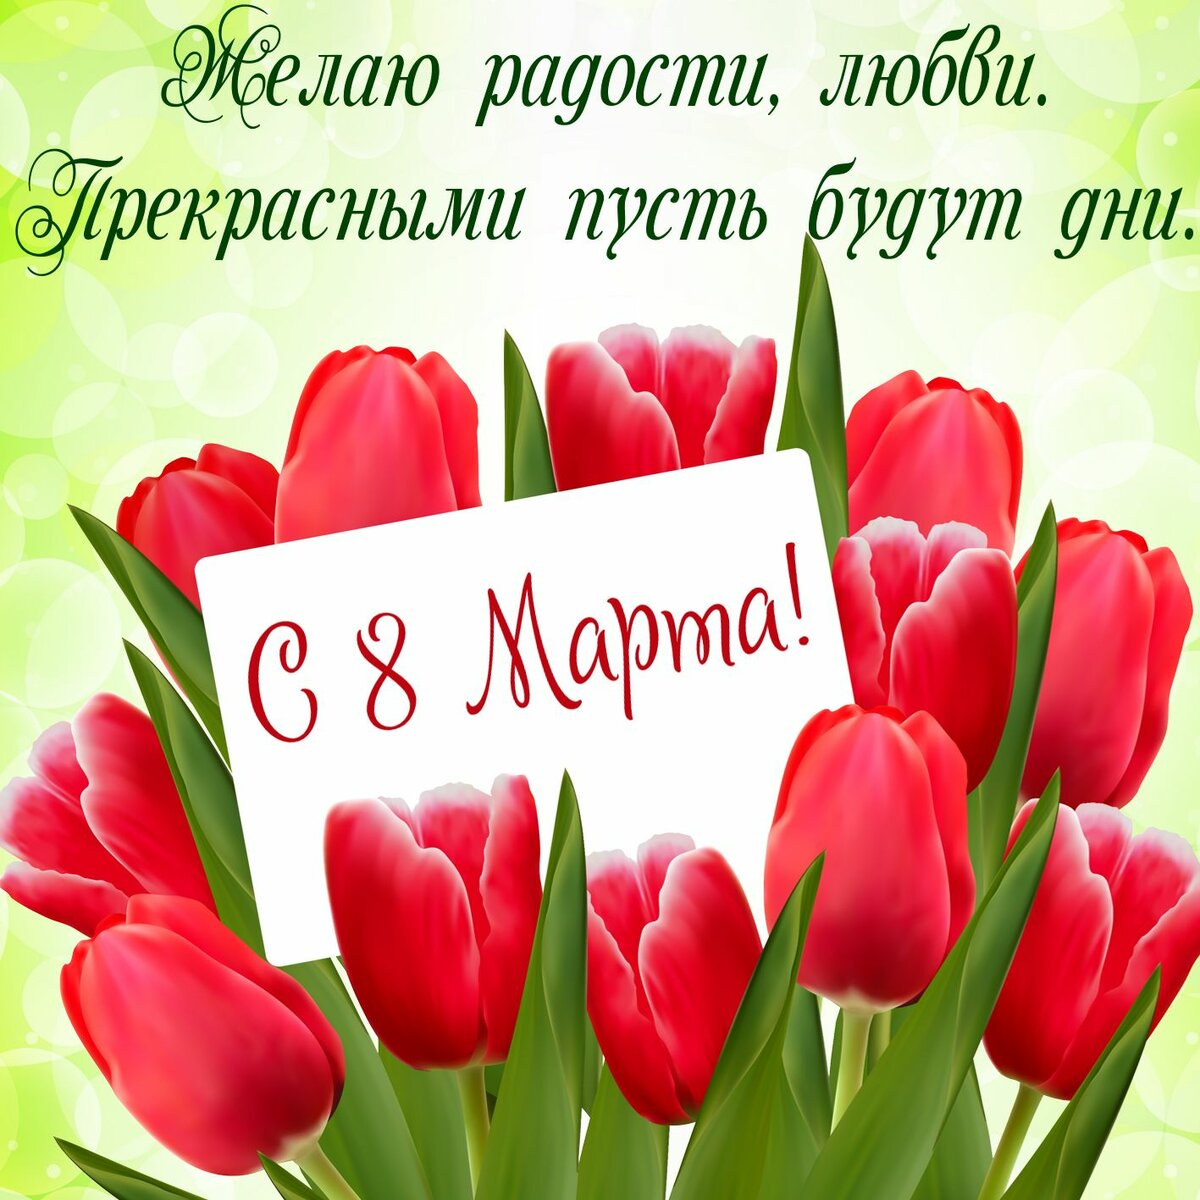 Про маму, тюльпаны открытки на 8 марта